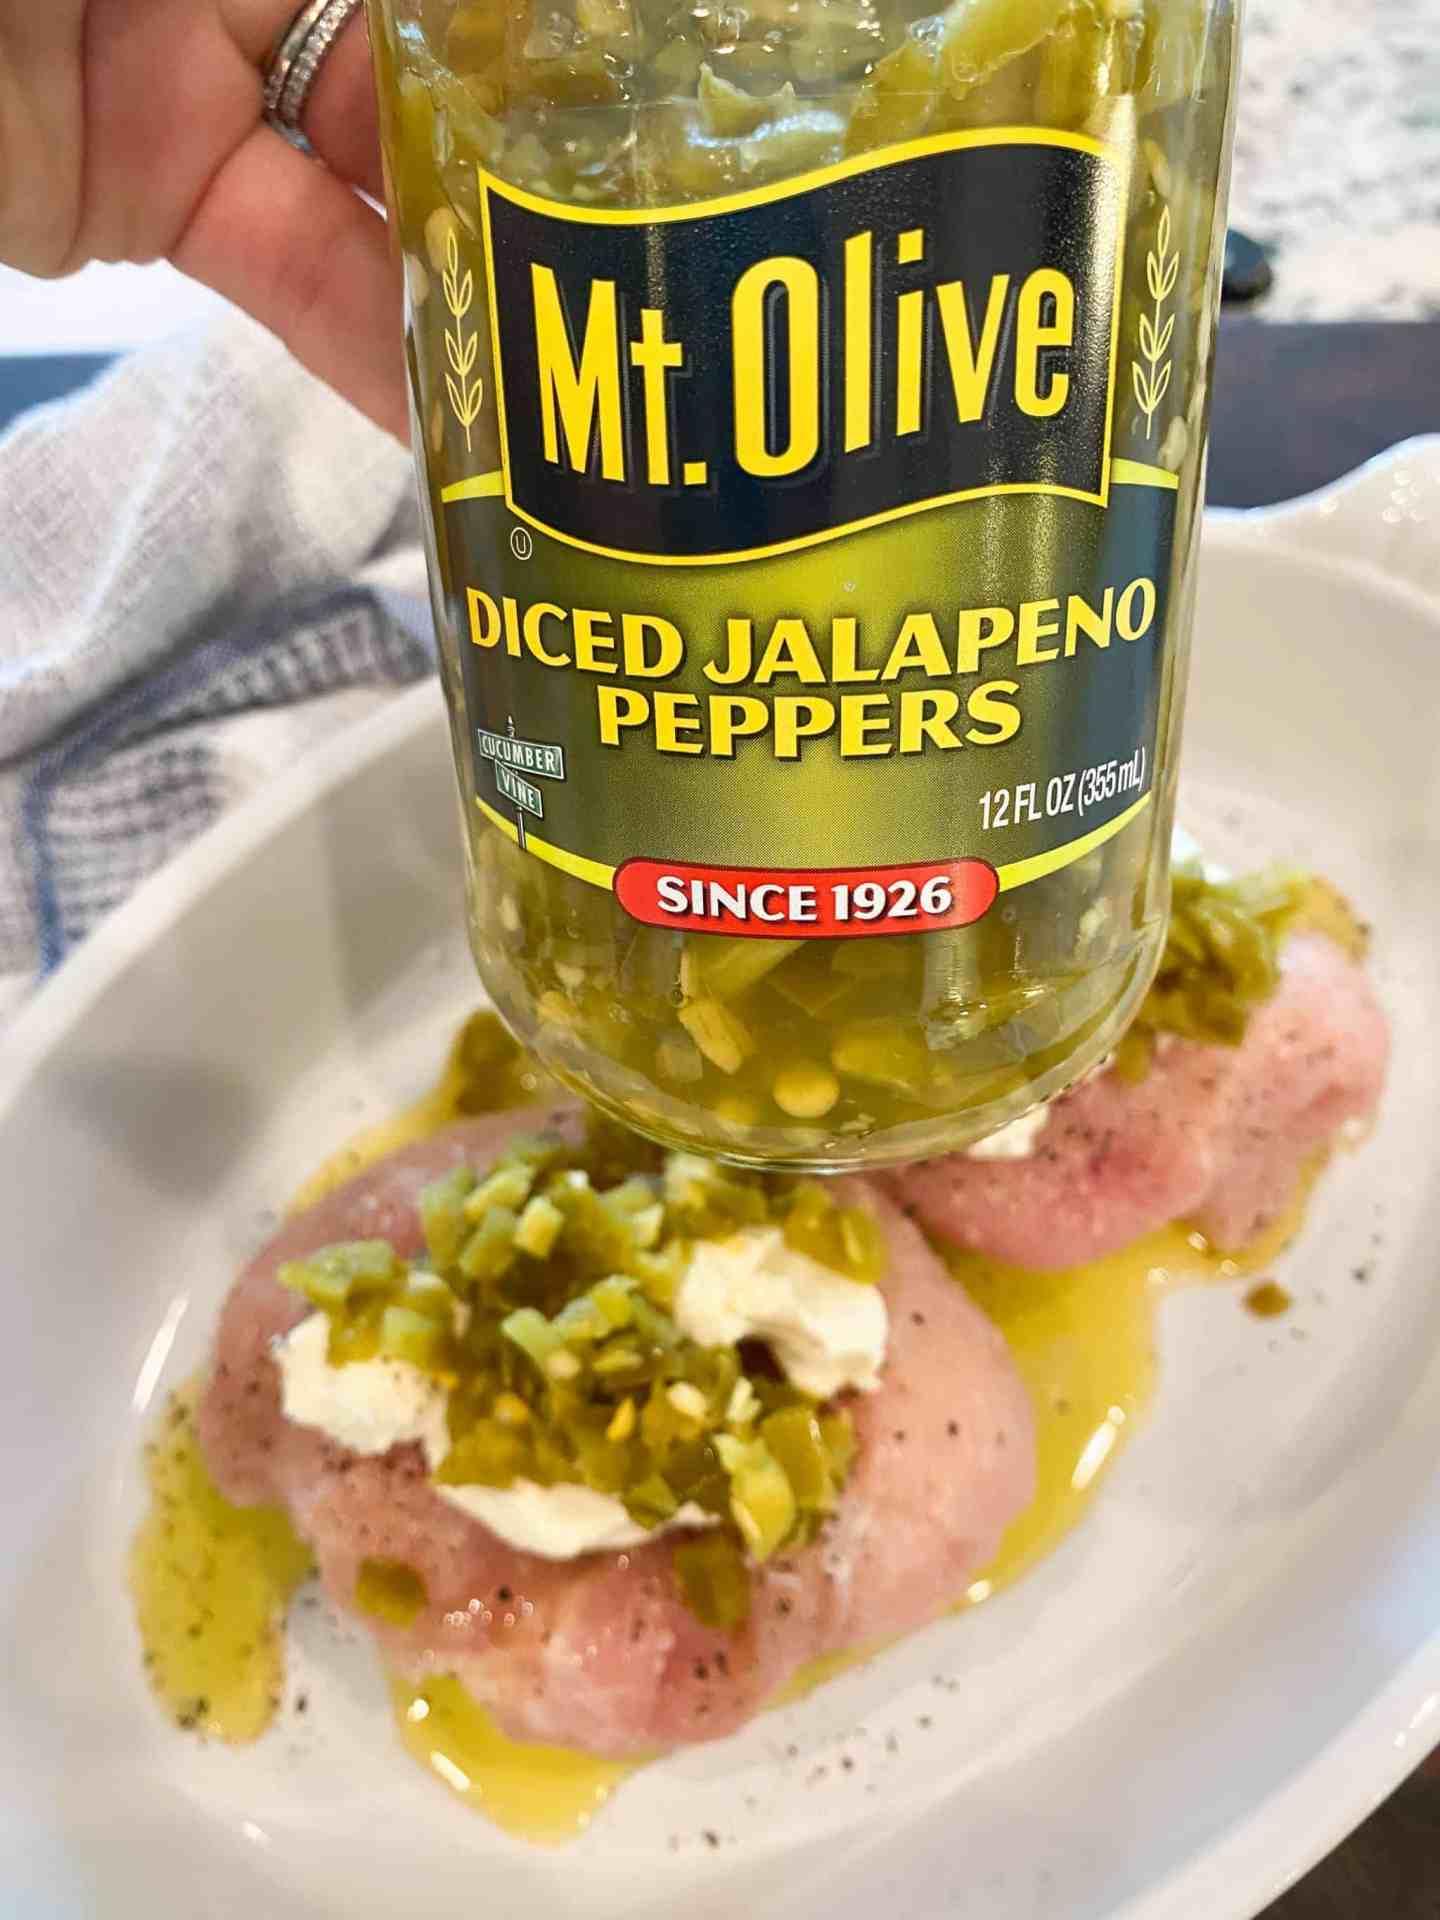 mt-olive-diced-jalapenos